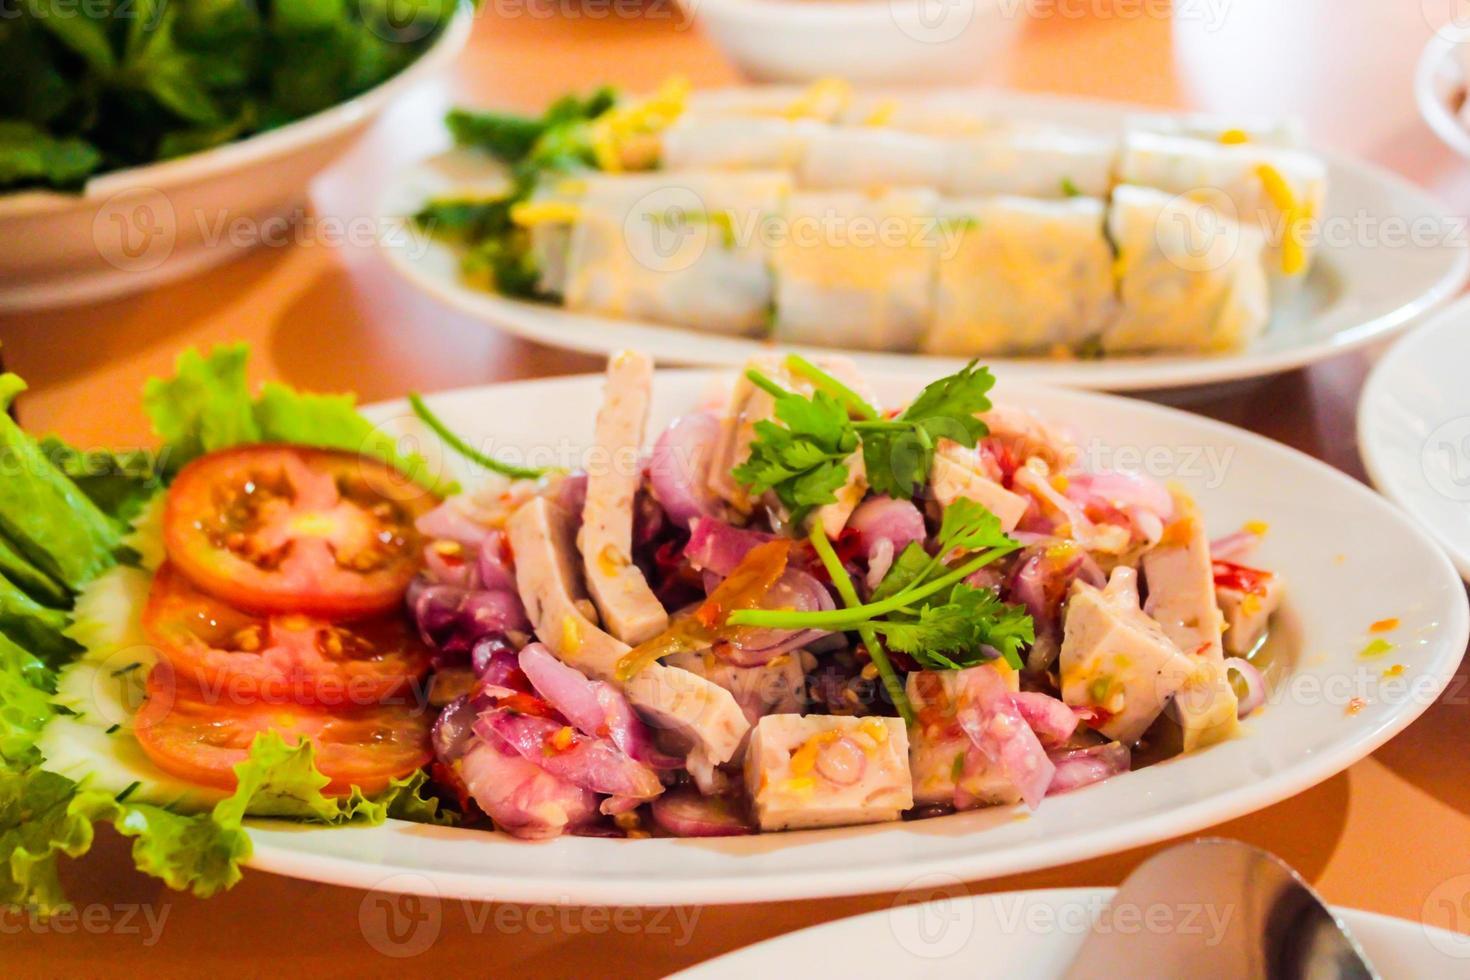 würziger Salat aus gekochter Schweinswurst, thailändisches Essen foto